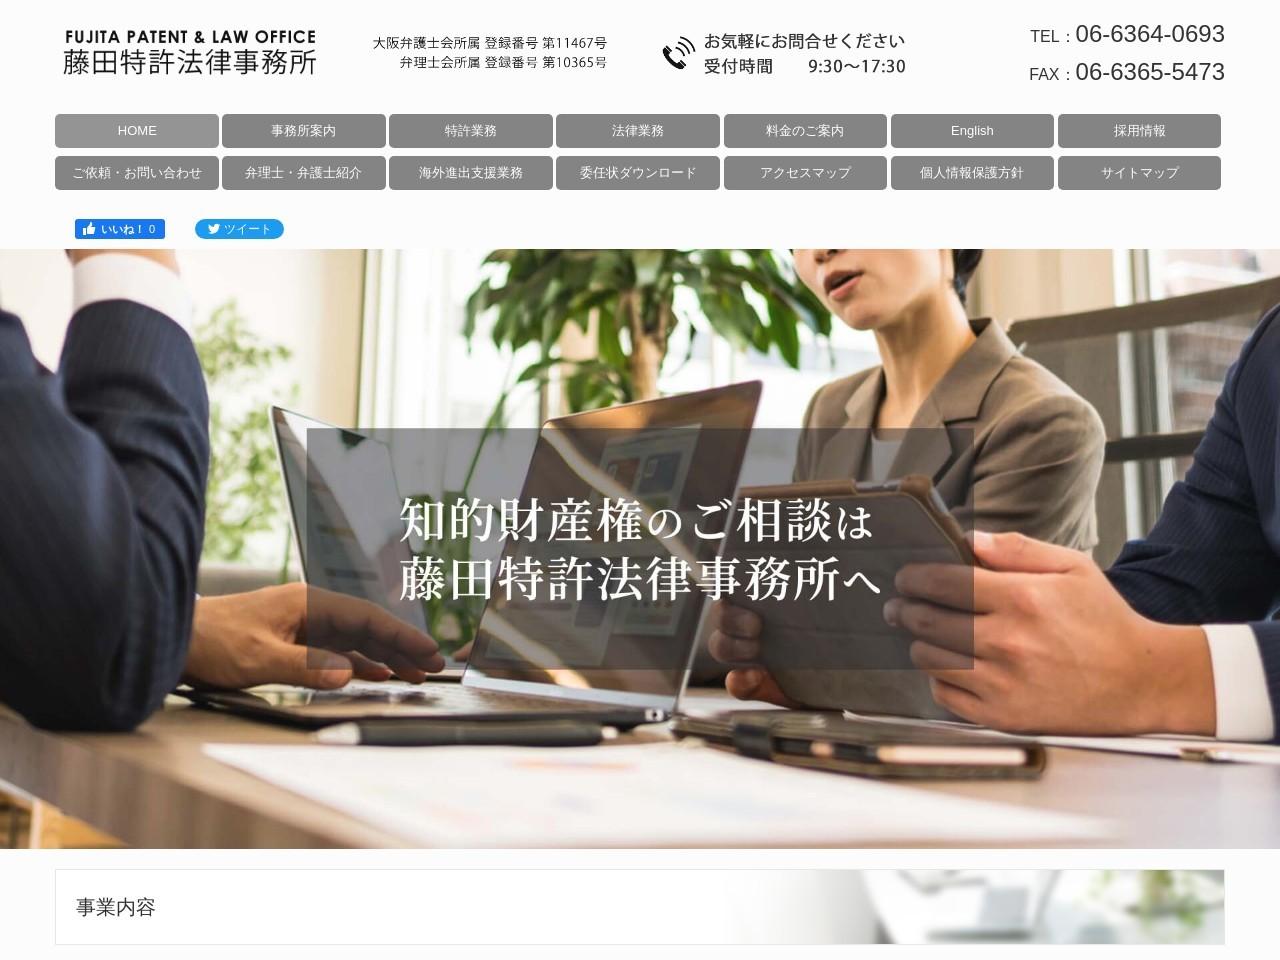 藤田特許法律事務所法律部